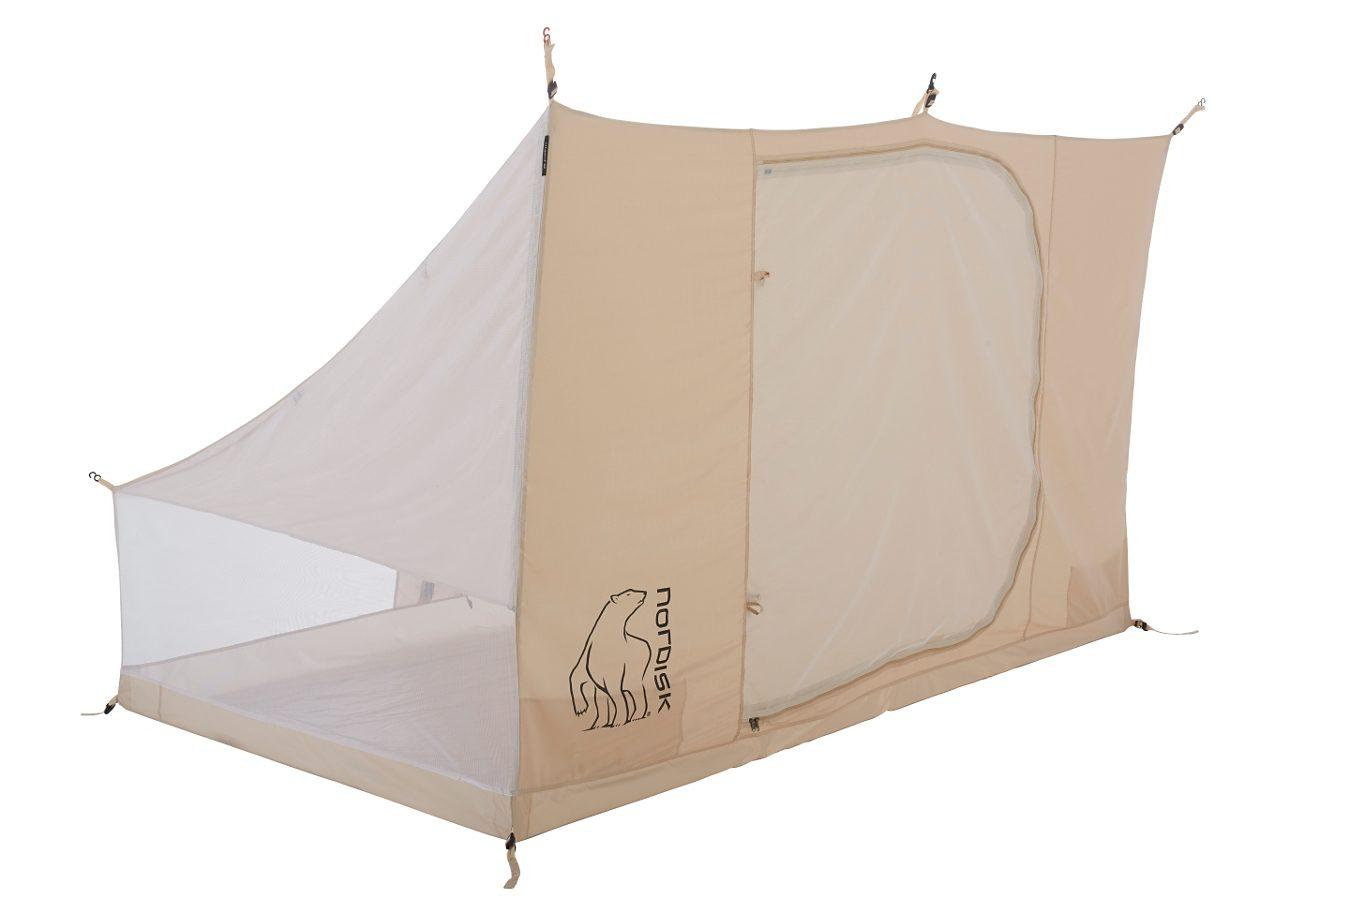 Nordisk Zeltzubehör »Utgard 13.2 m² Inner Cabin Technical Cotton«